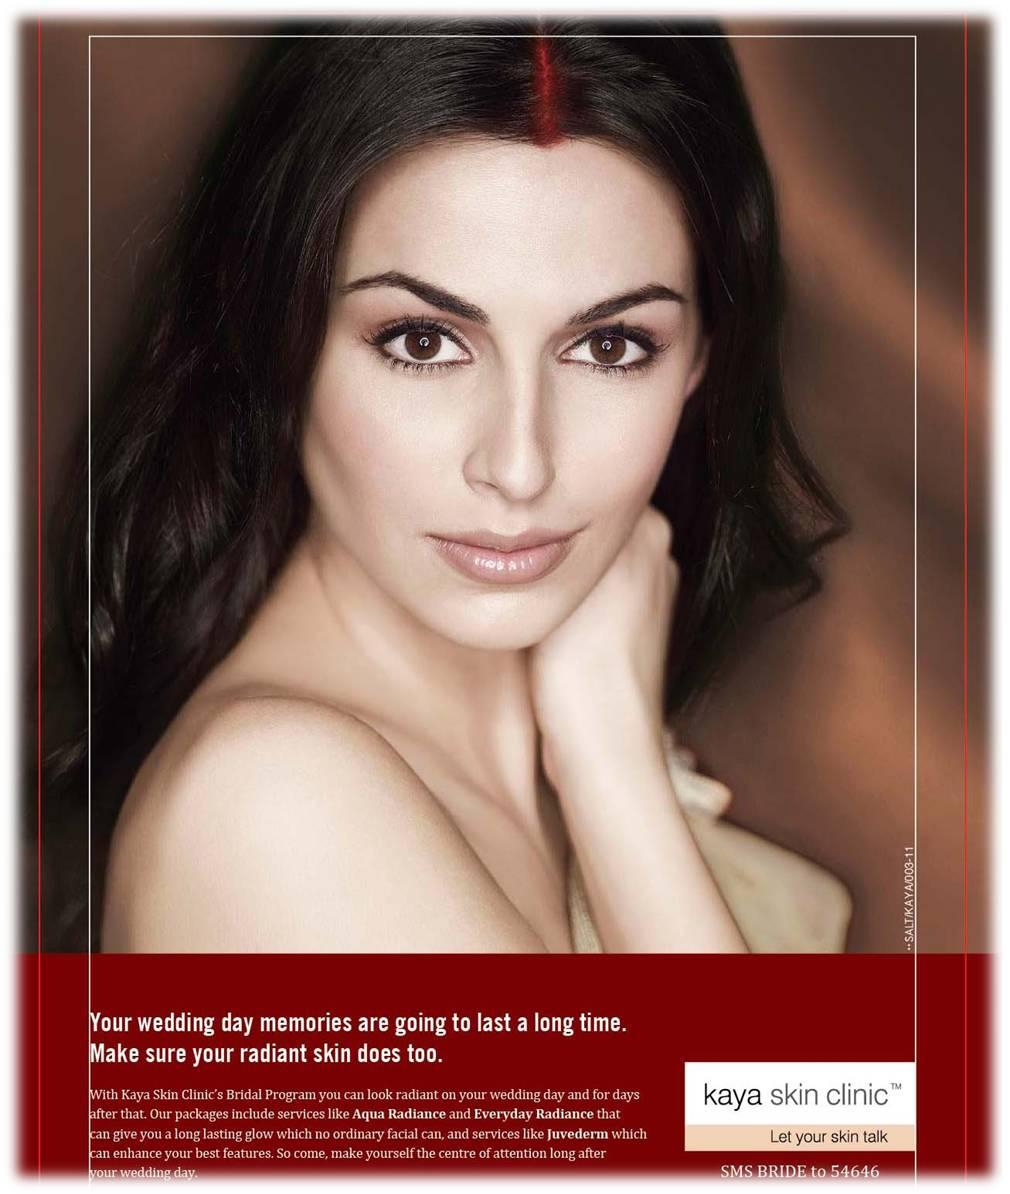 Kaya Skin Clinic: Get a long-lasting Bridal Glow at Kaya